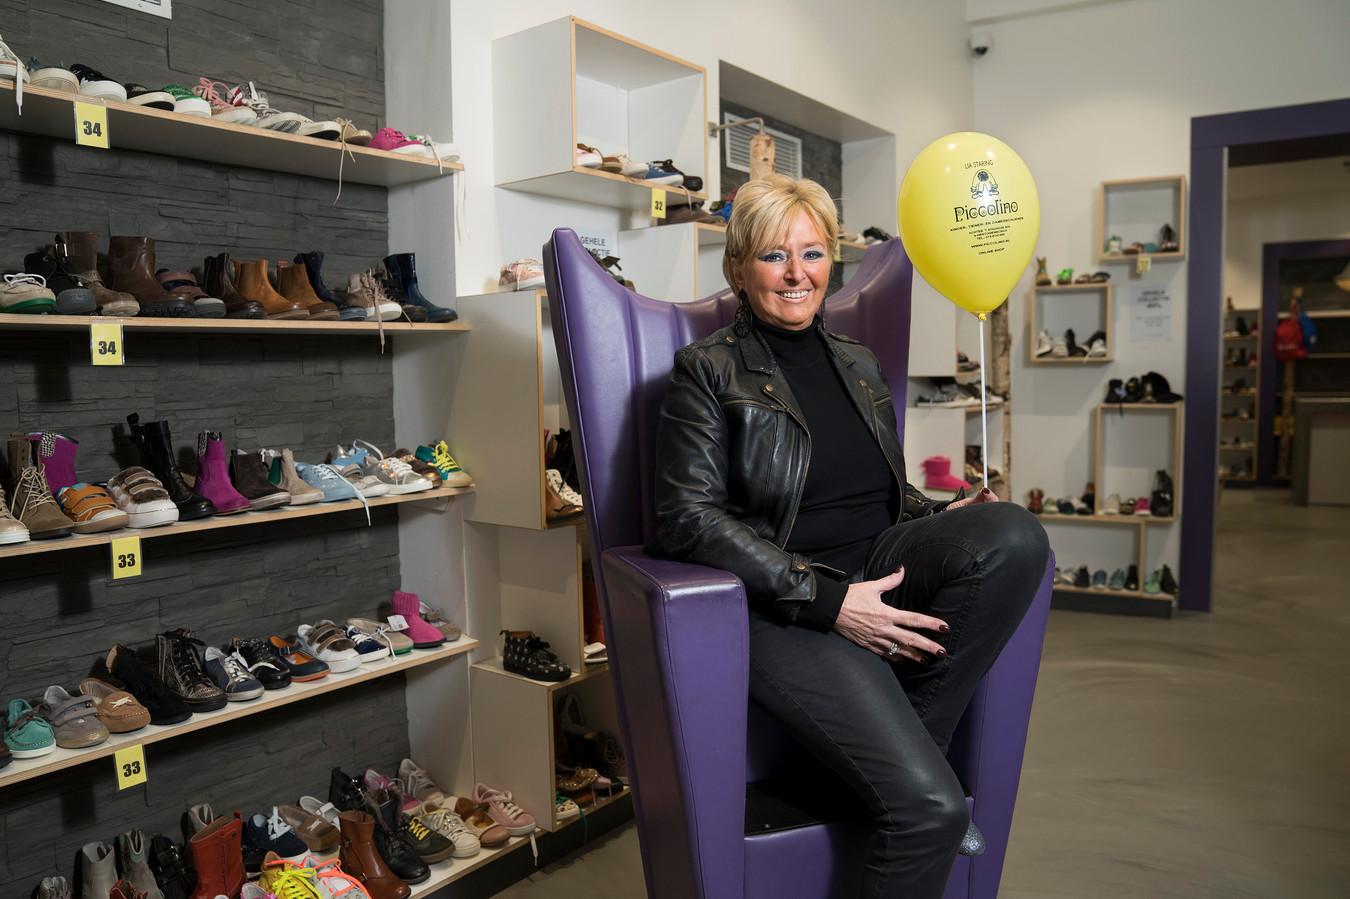 Den Bosch 20-11-2018  Lia Staring stopte na 35 jaar met haar kinderschoenenwinkel Piccolino.    Roy Lazet